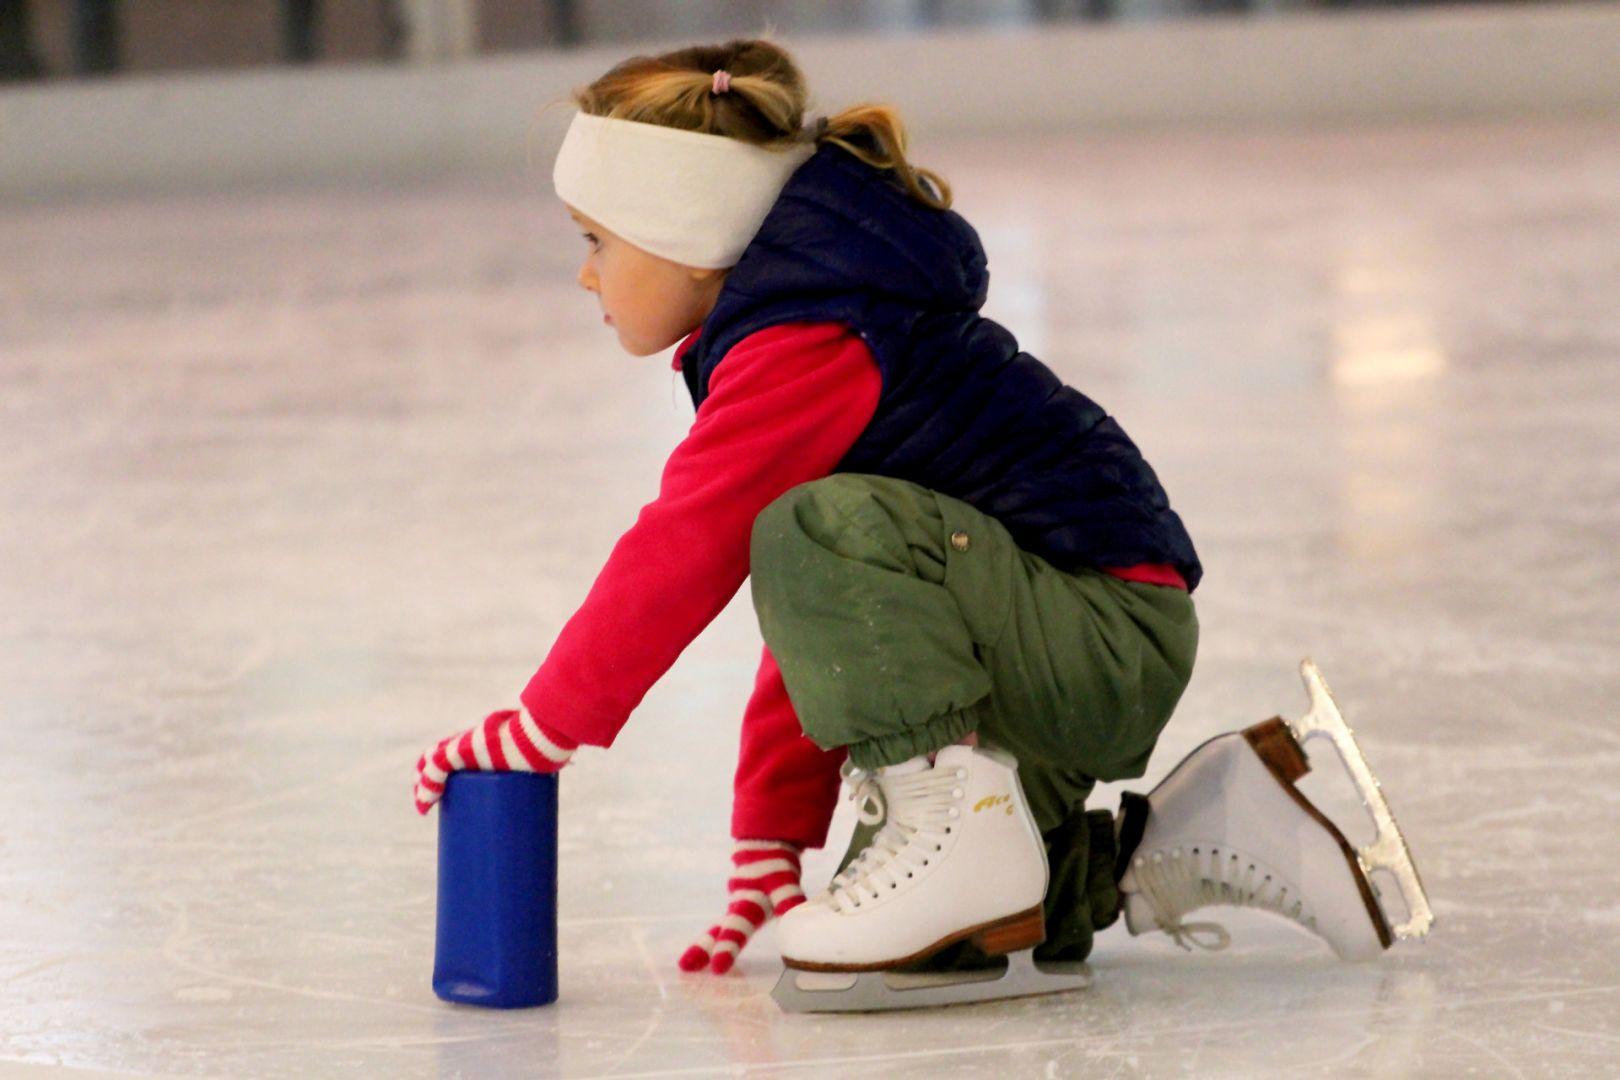 дама катание на коньках обучение картинки отсутствии снега, лишь